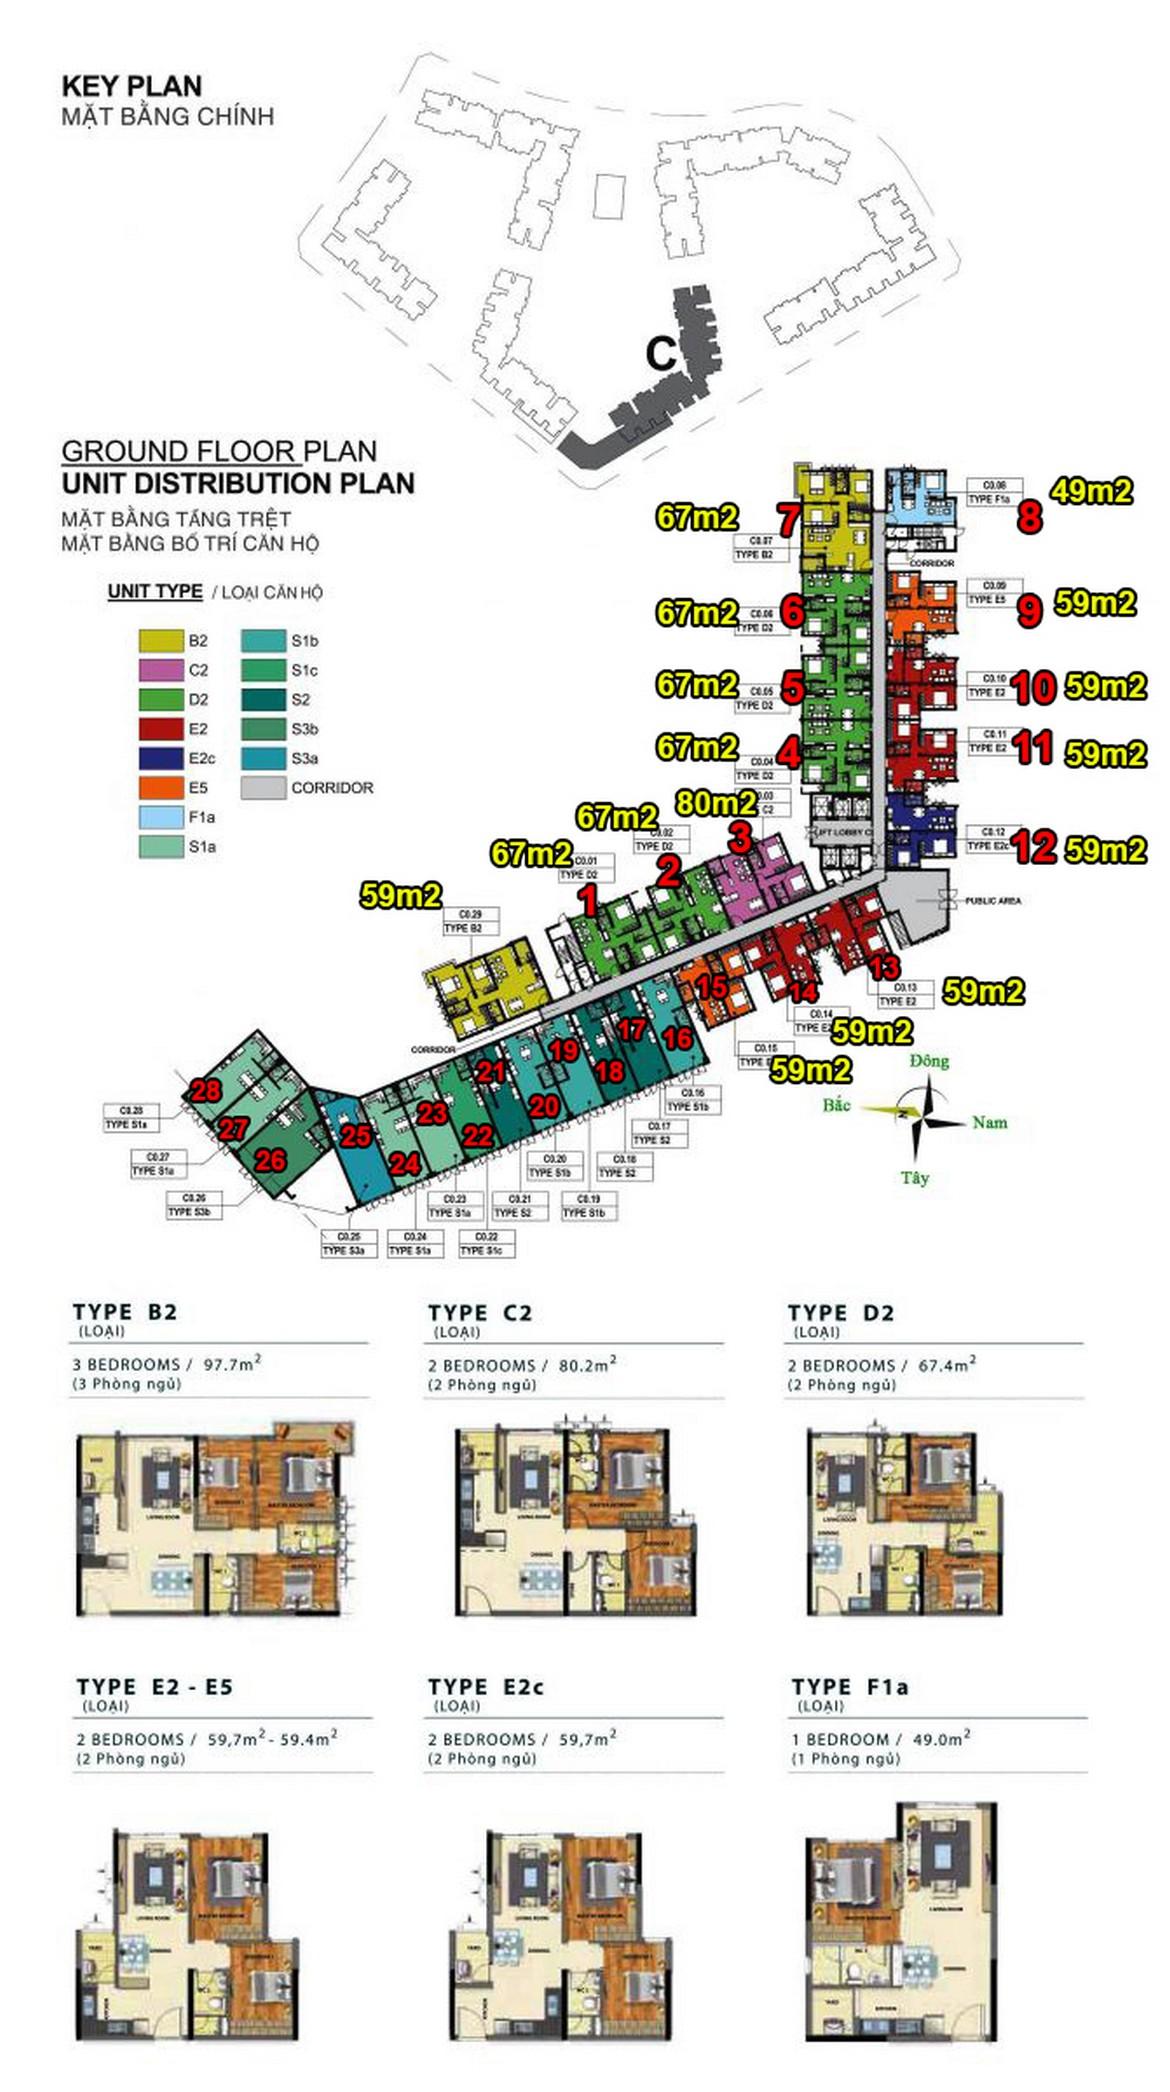 Mua bán cho thuê dự án căn hộ Celadon city đường Tân Kỳ Tân Quý Quận Tân Phú